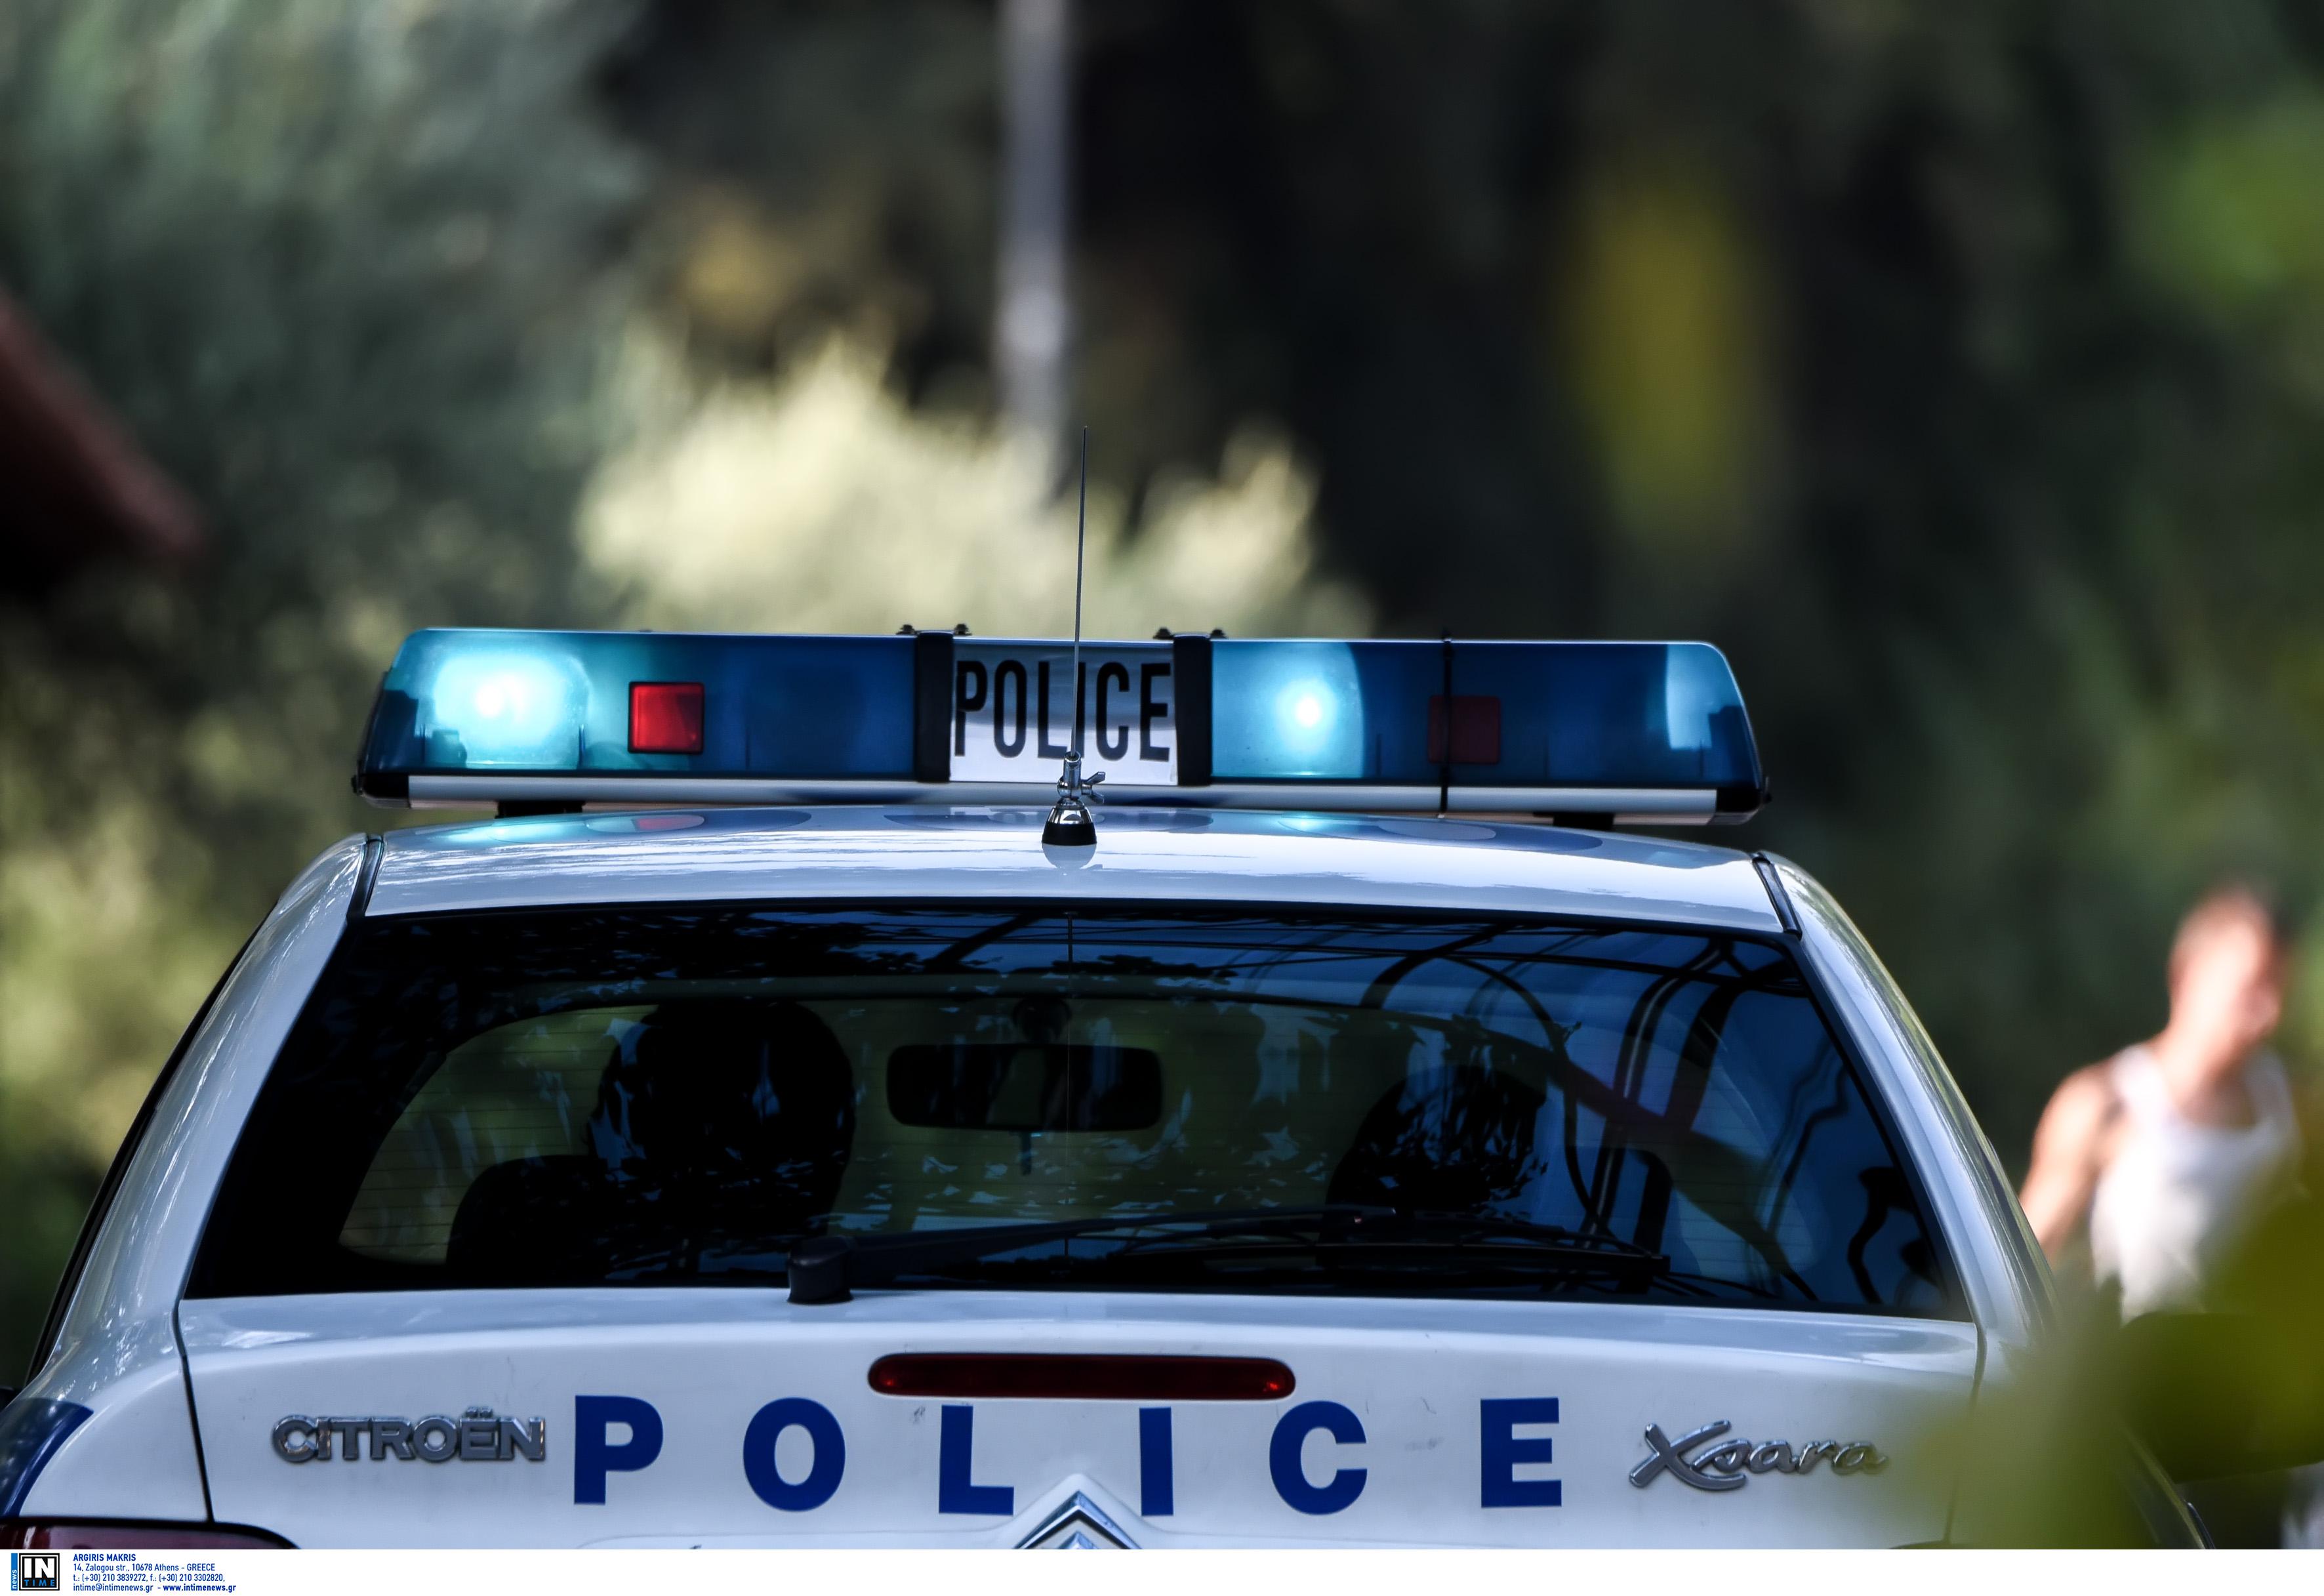 Ηράκλειο: Εργοδότης τράβηξε όπλο σε εργαζόμενό του!